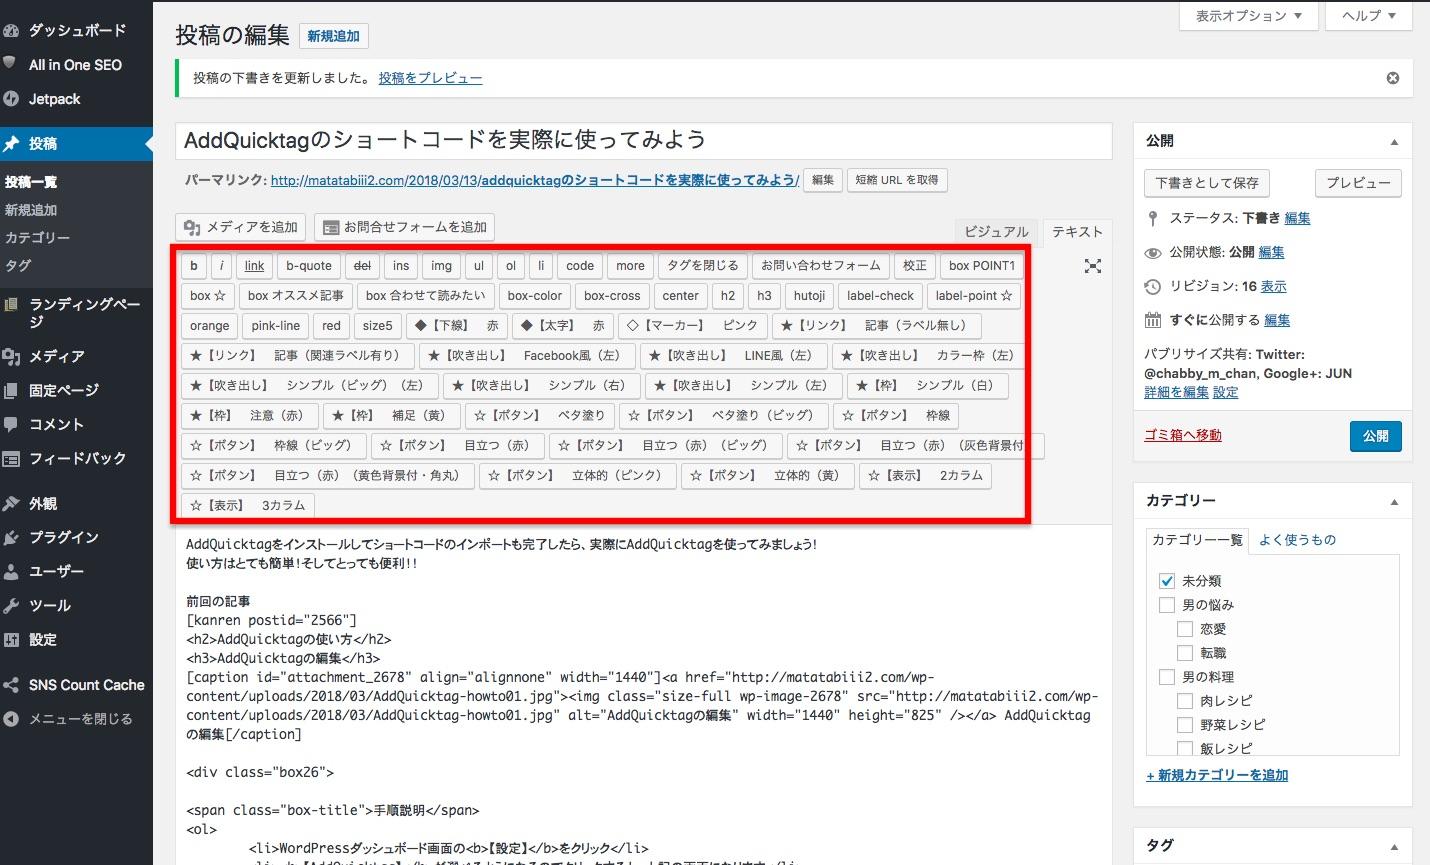 【テキスト】ショートコードの追加エリア